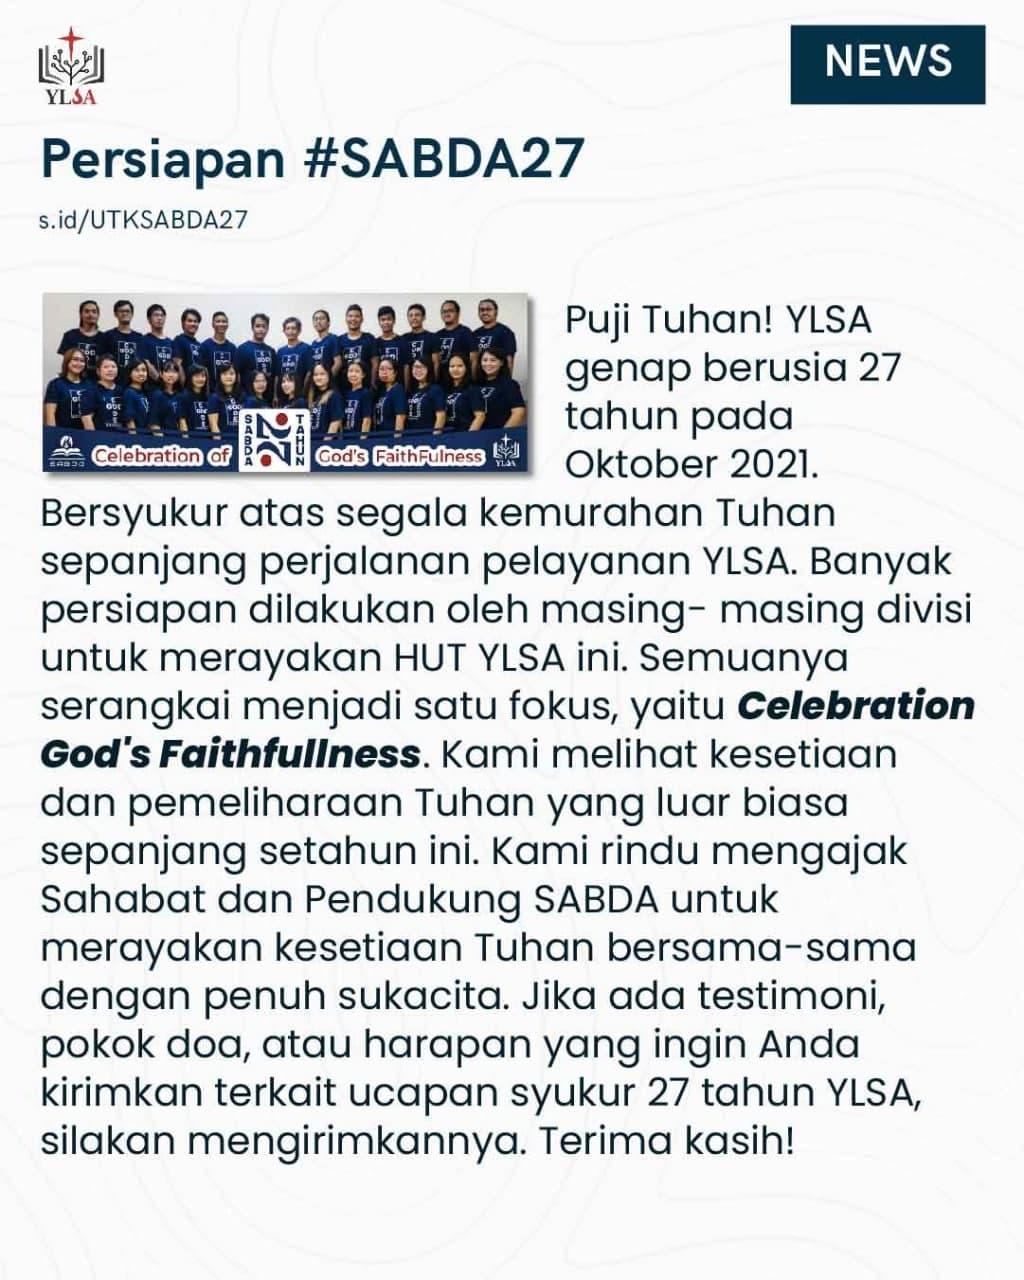 Puji Tuhan! YLSA genap berusia 27 tahun pada Oktober 2021. Bersyukur atas segala kemurahan Tuhan sepanjang perjalanan pelayanan YLSA.